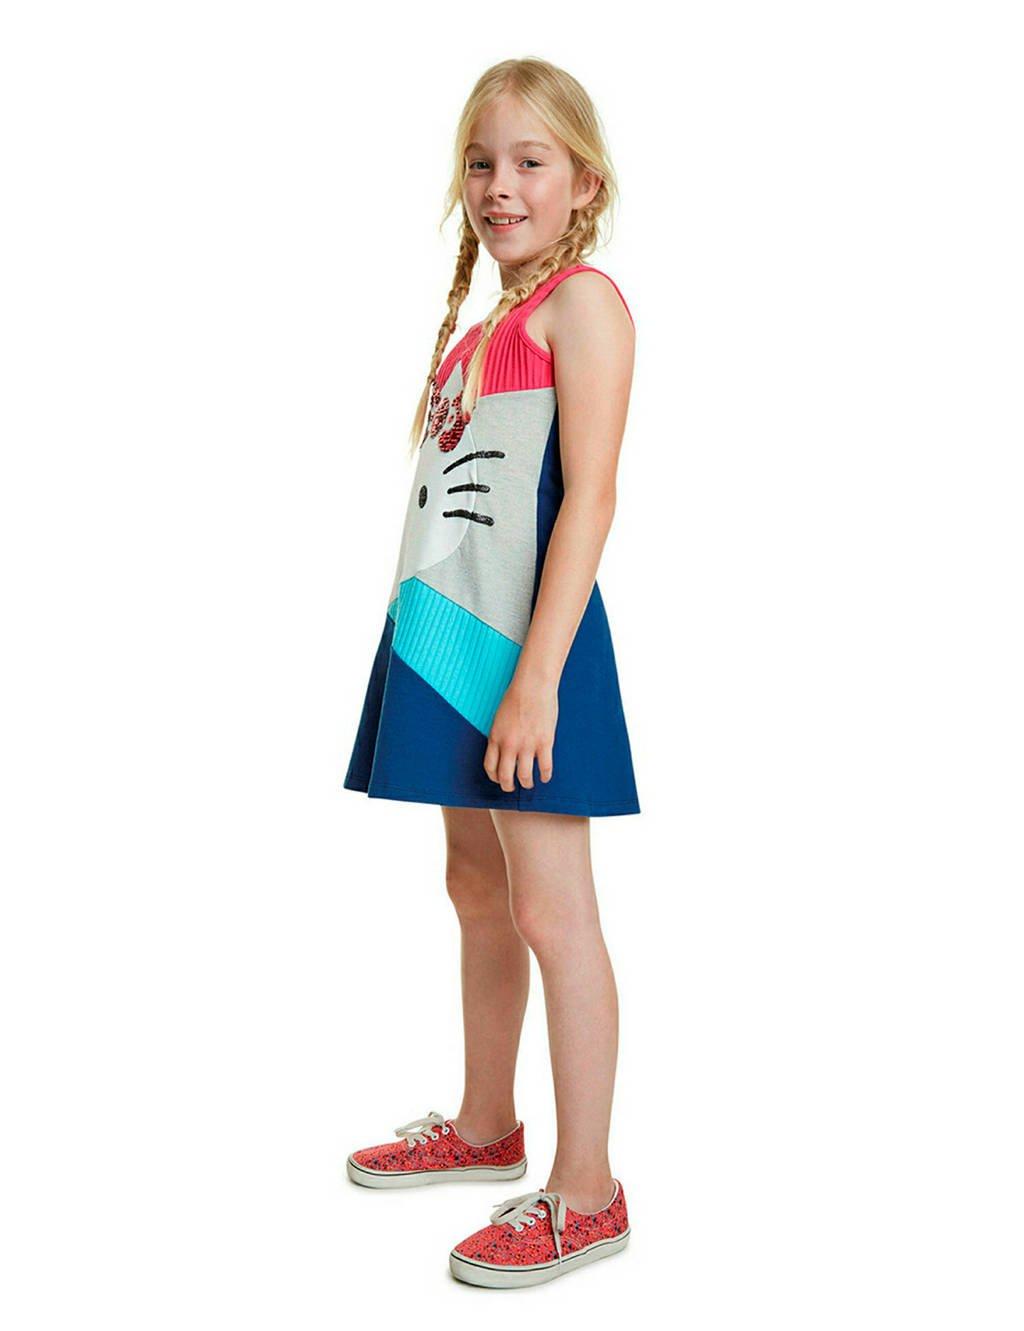 Desigual ribgebreide jersey jurk met pailletten fuchsia/blauw/wit, Fuchsia/blauw/wit